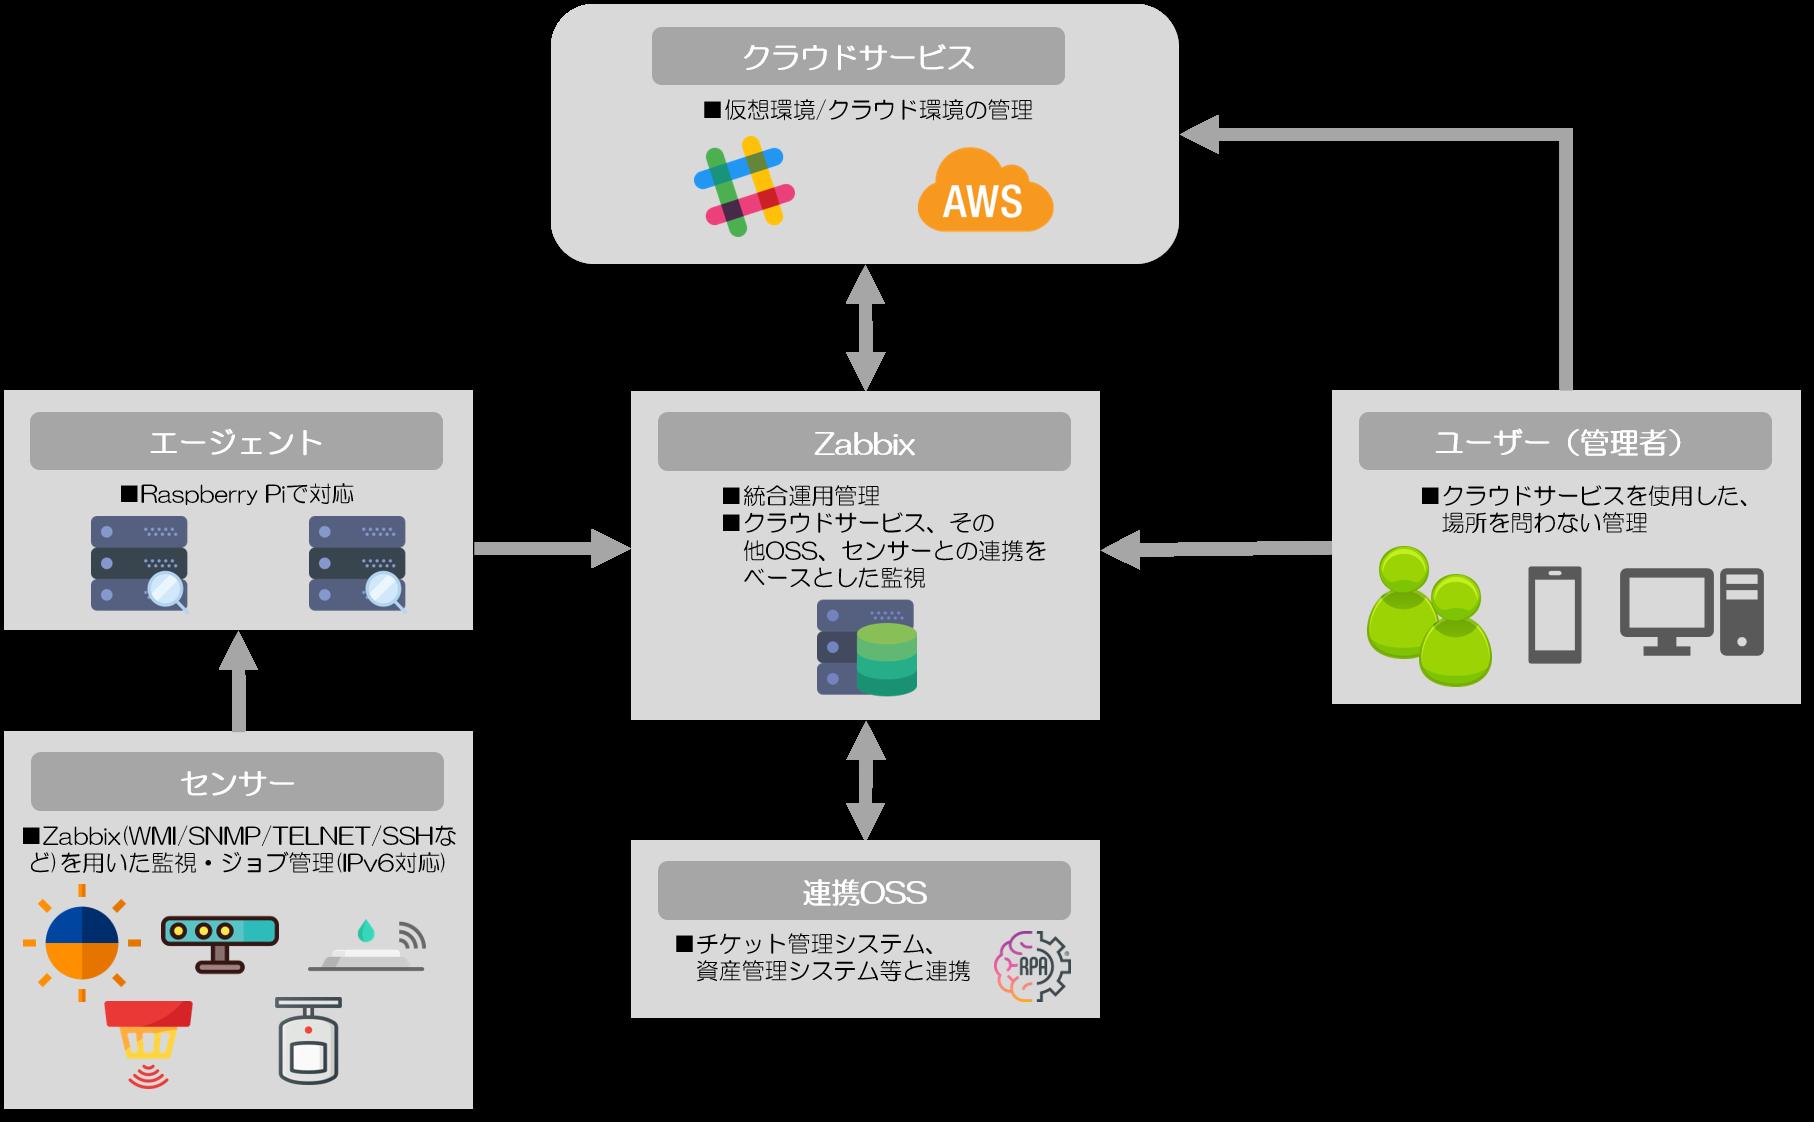 「ASURA」サービス概略図